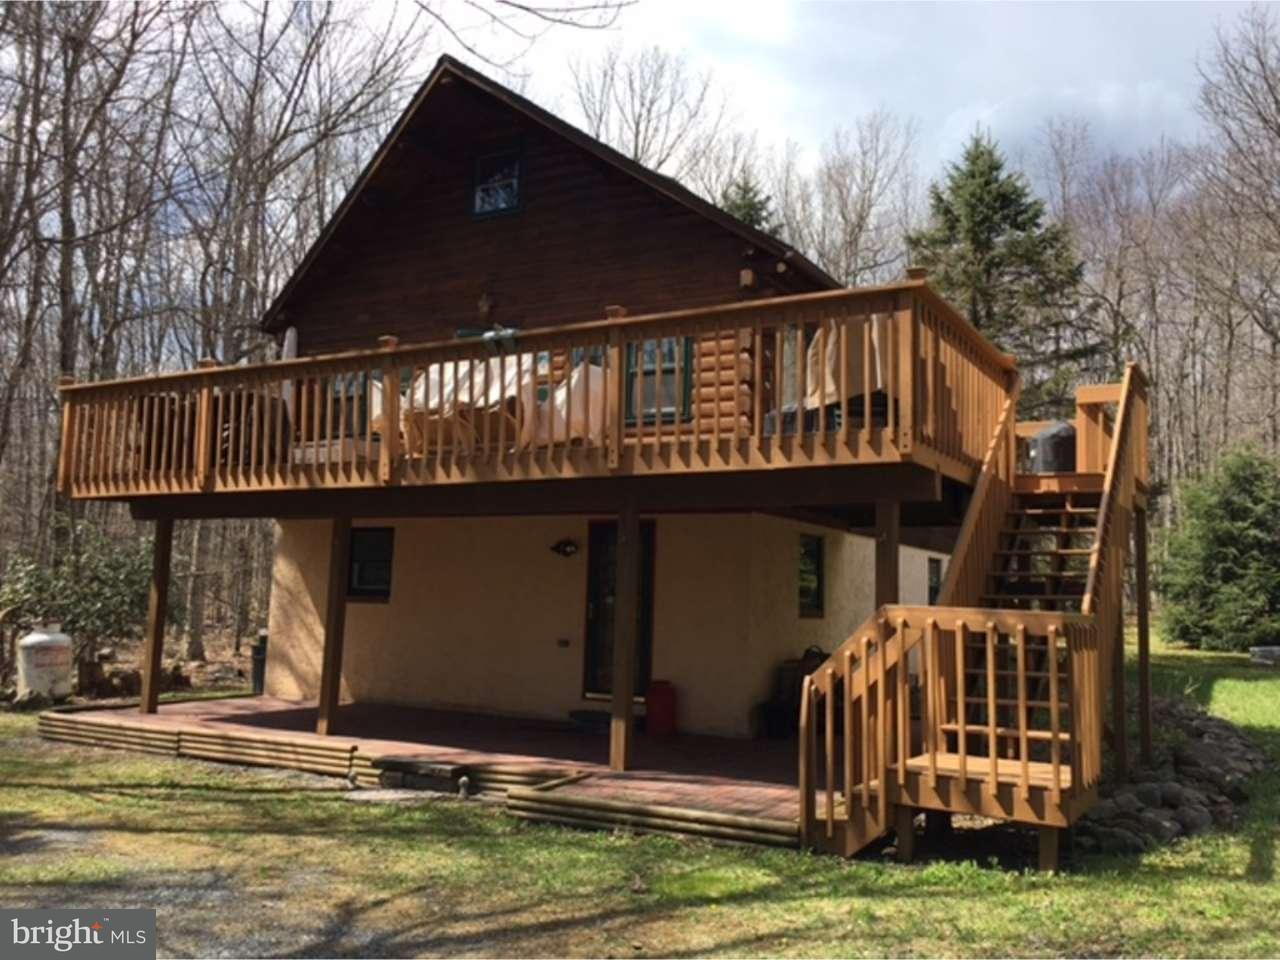 Частный односемейный дом для того Продажа на 49 DOGWOOD Drive Jim Thorpe, Пенсильвания 18229 Соединенные Штаты